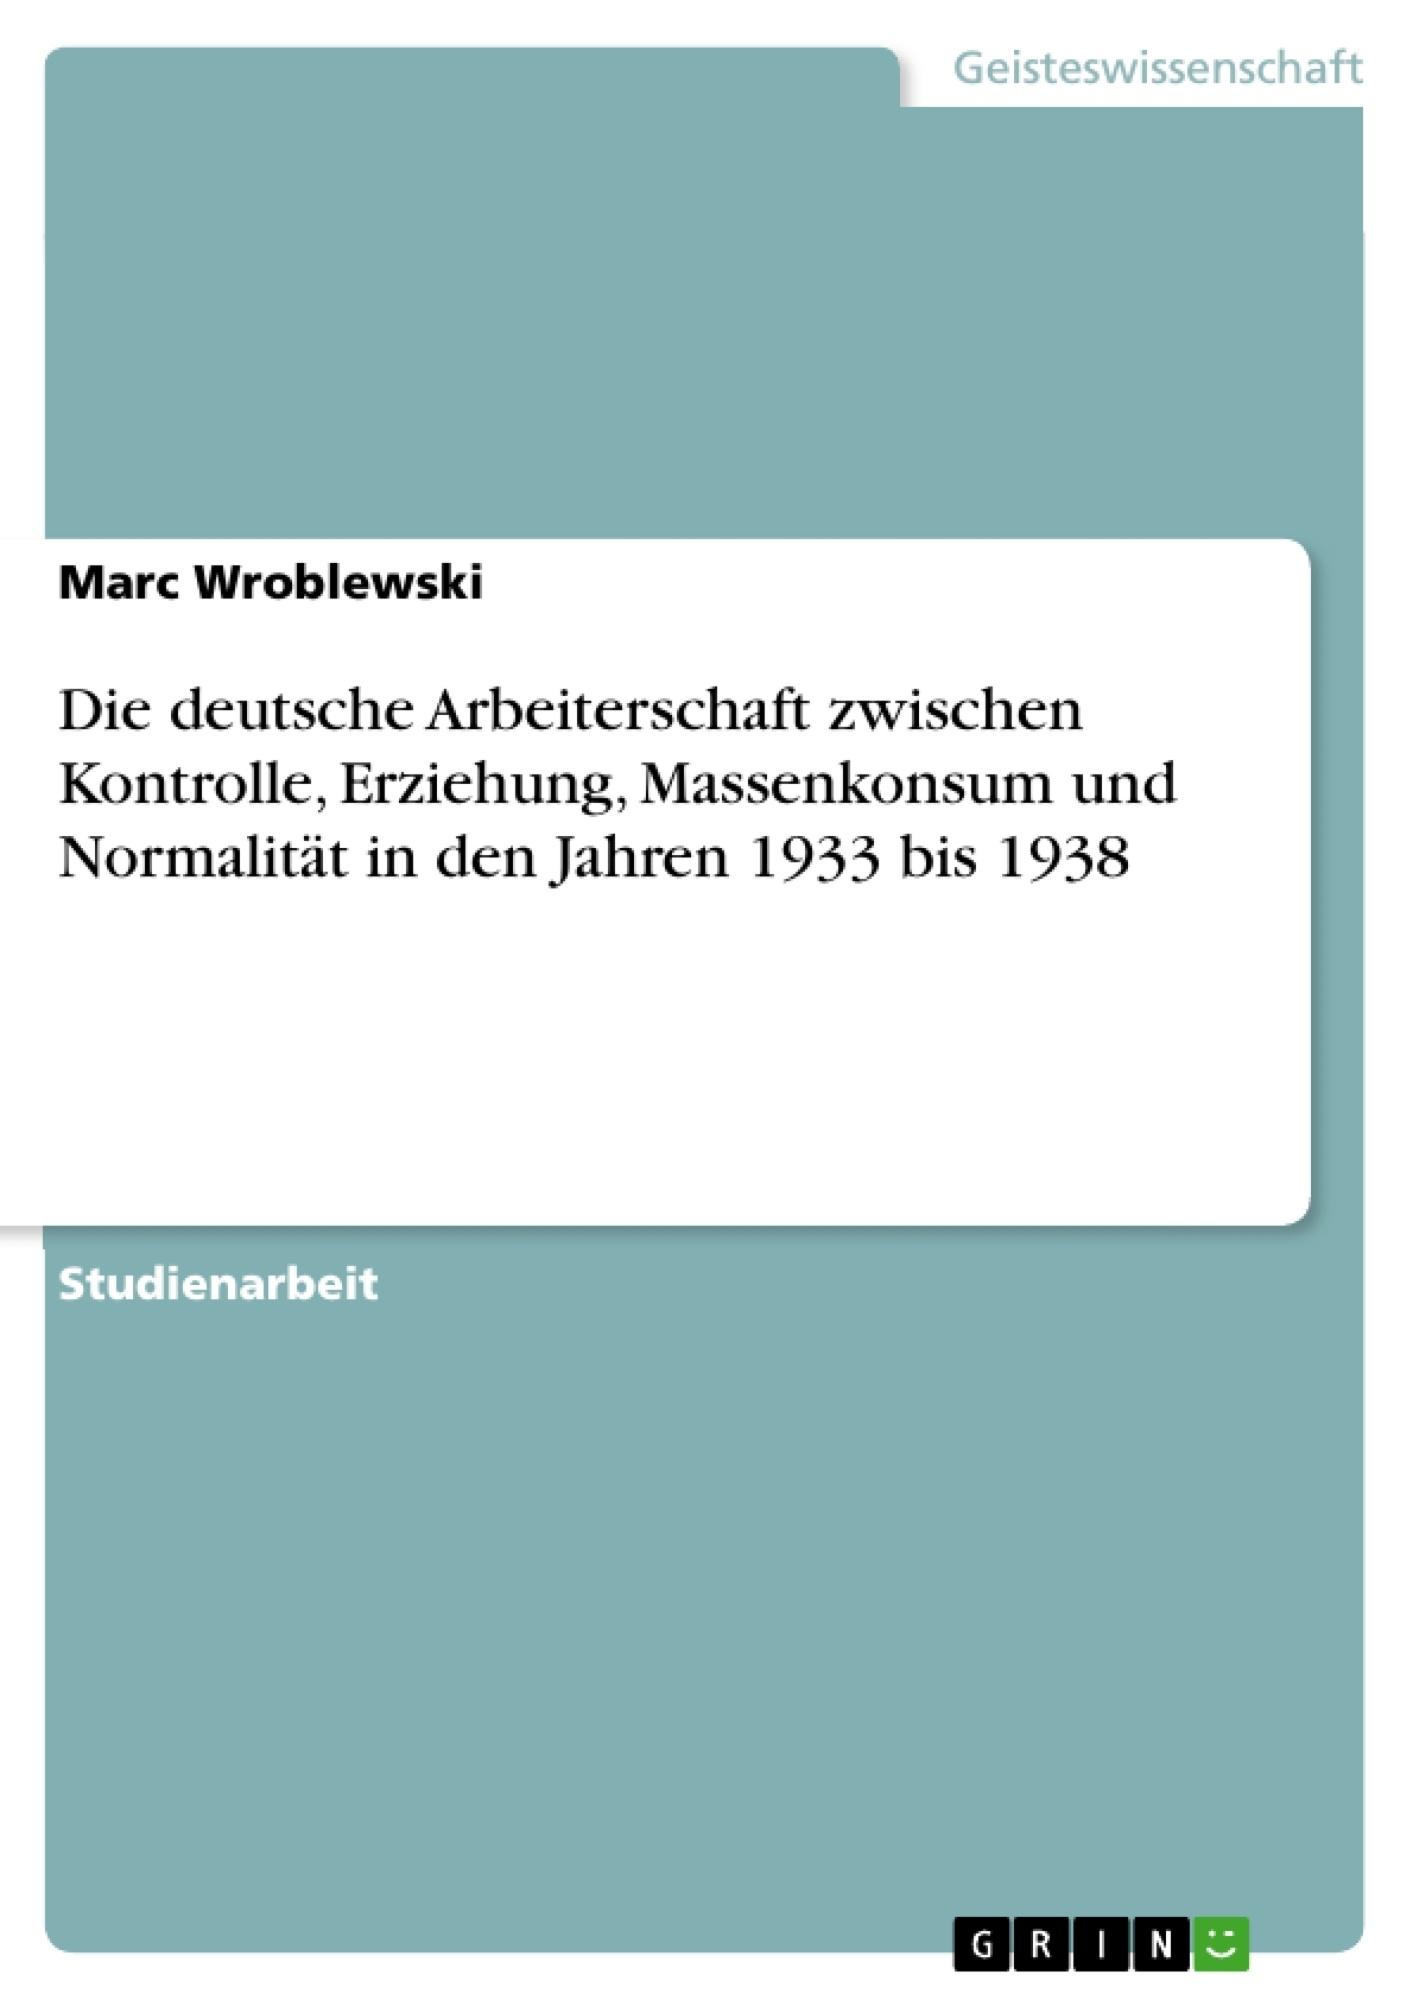 Titel: Die deutsche Arbeiterschaft zwischen Kontrolle, Erziehung, Massenkonsum und Normalität in den Jahren 1933 bis 1938